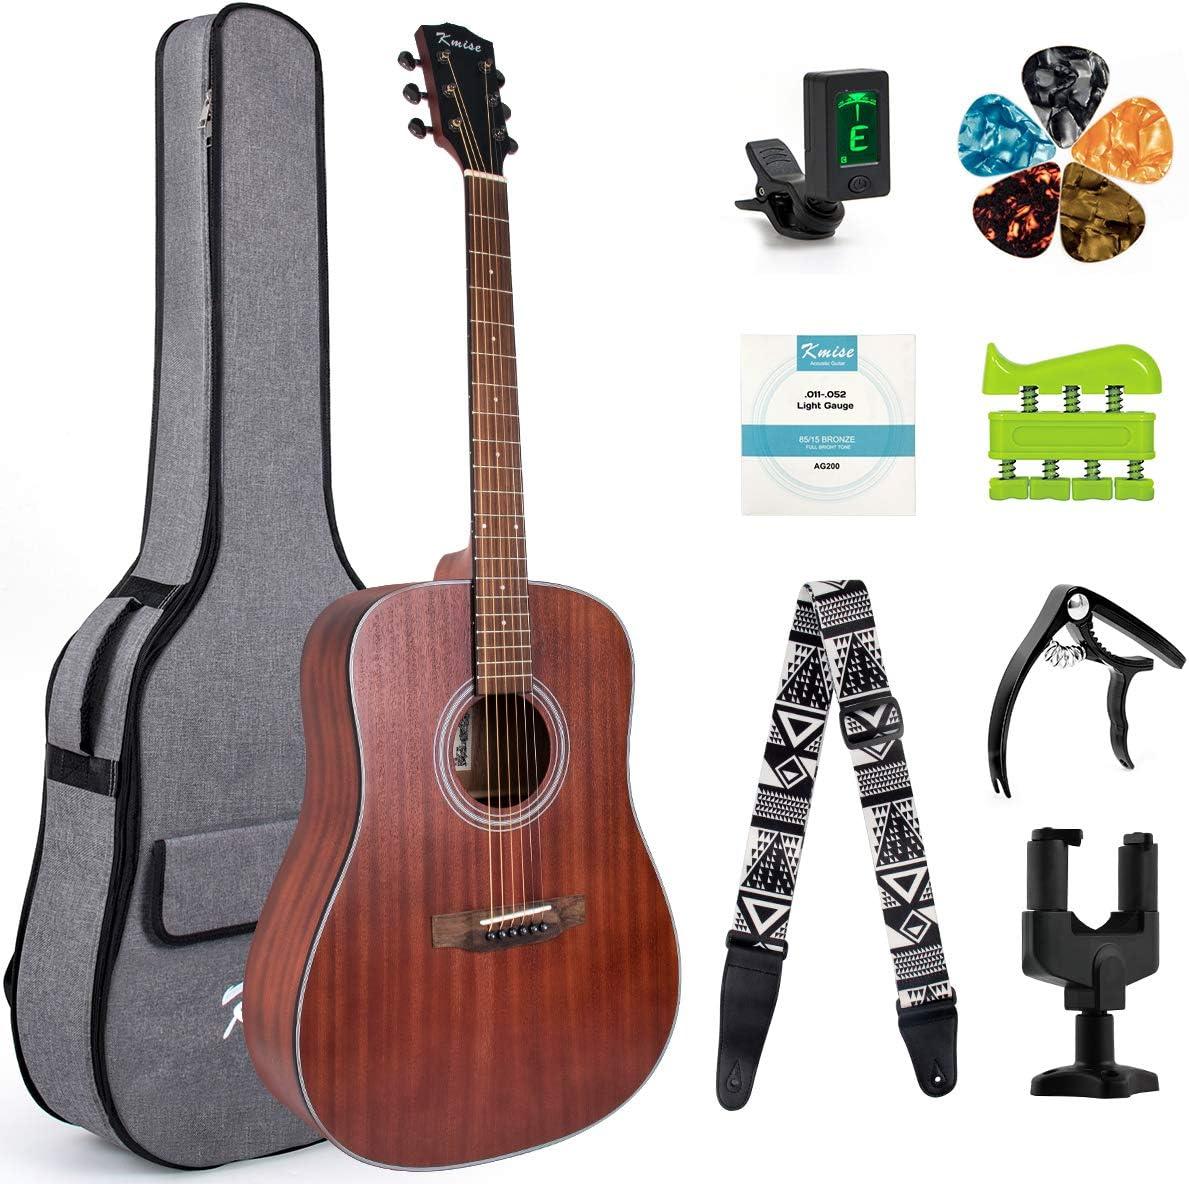 Kmise Guitarra acústica de caoba tamaño completo 41 pulgadas para estudiantes y principiantes con bolsa de concierto Tuner Strap Picks String Piezo Pickup Tools